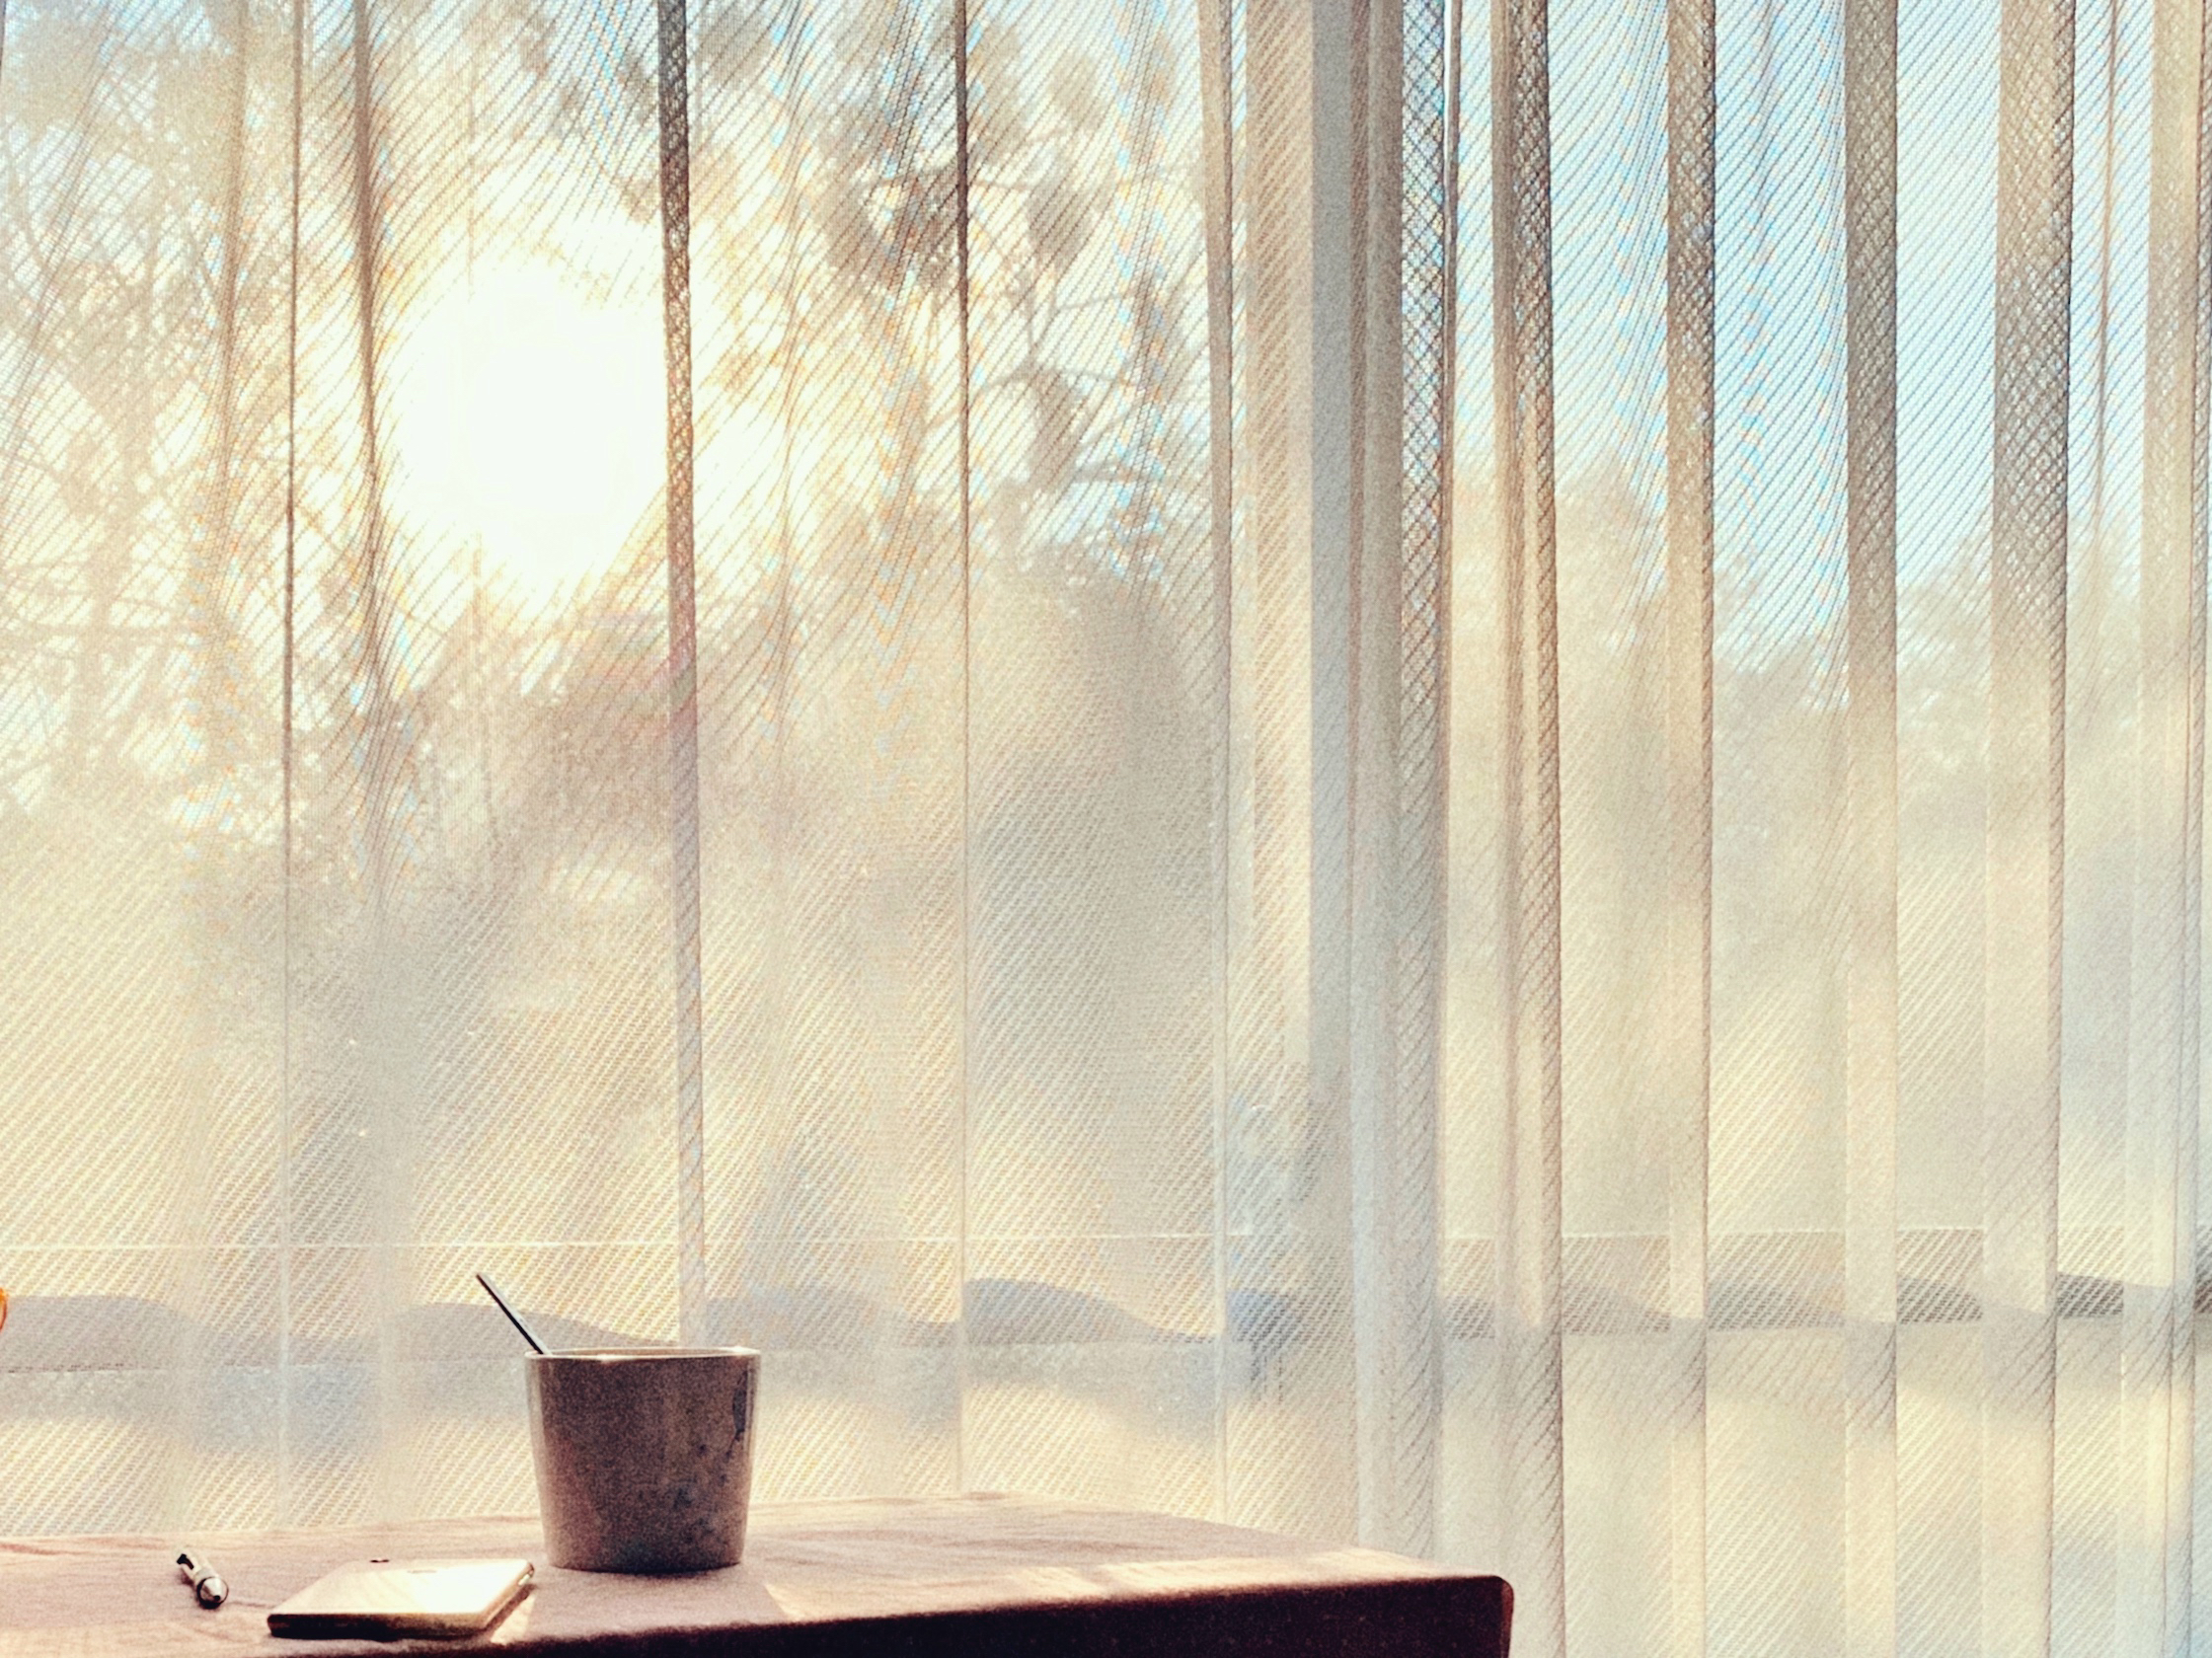 朝のモニコも同じくらい素敵だよ